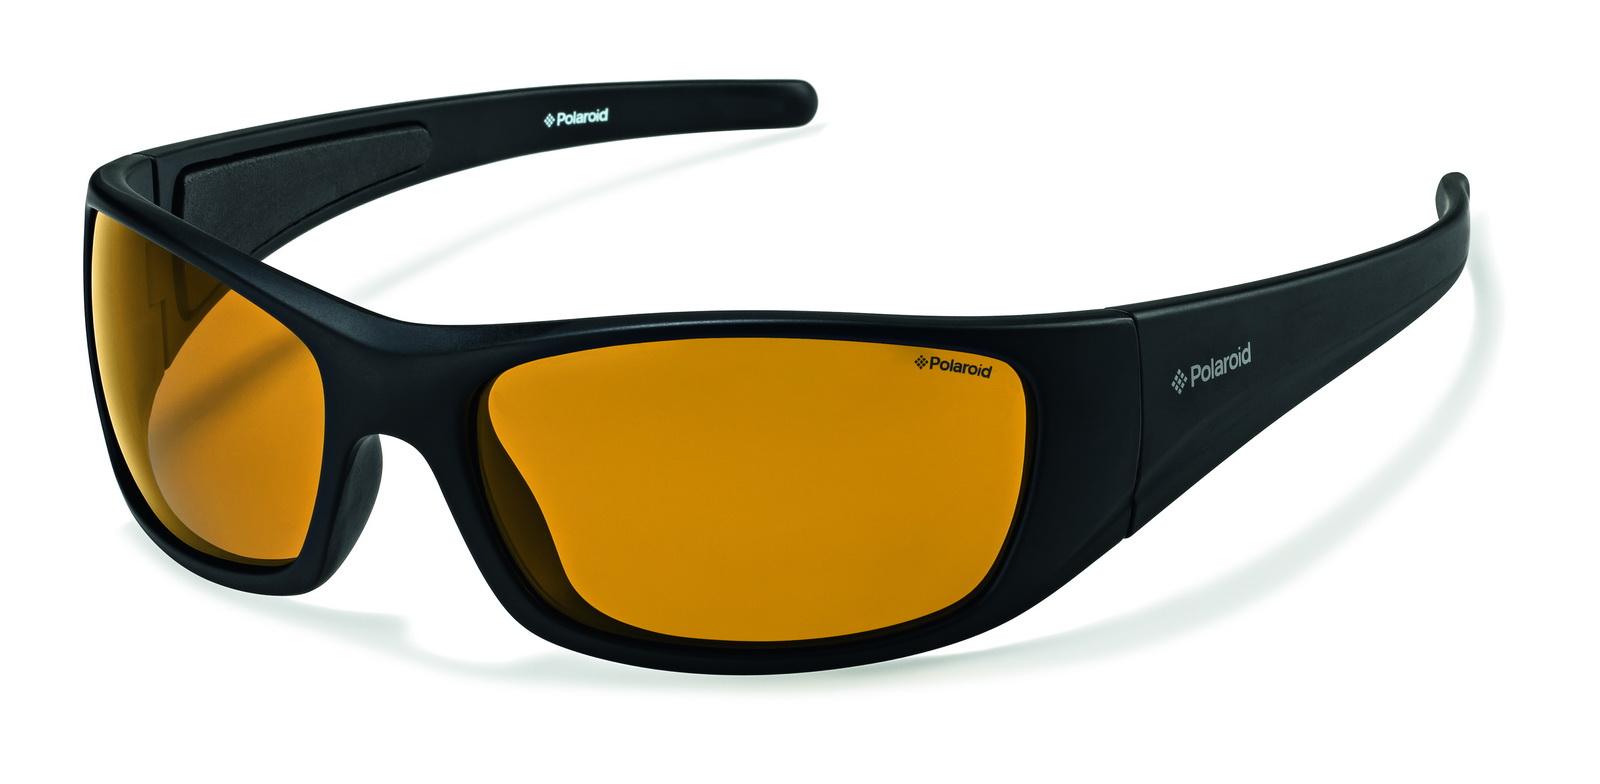 Polaroid очки поляризационные P7420CP7420CПоляризационные солнцезащитные очки Polaroid обеспечивают видение без бликов, 100%-ую защиту от ультрафиолетового излучения, естественные цвета, чистые контрасты и снижение усталости глаз. Все линзы обладают ударопрочными свойствами и стойкостью к царапинам для защиты Ваших глаз. Очки Polaroid - лучшие солнцезащитные очки с поляризационными линзами по доступным ценам.